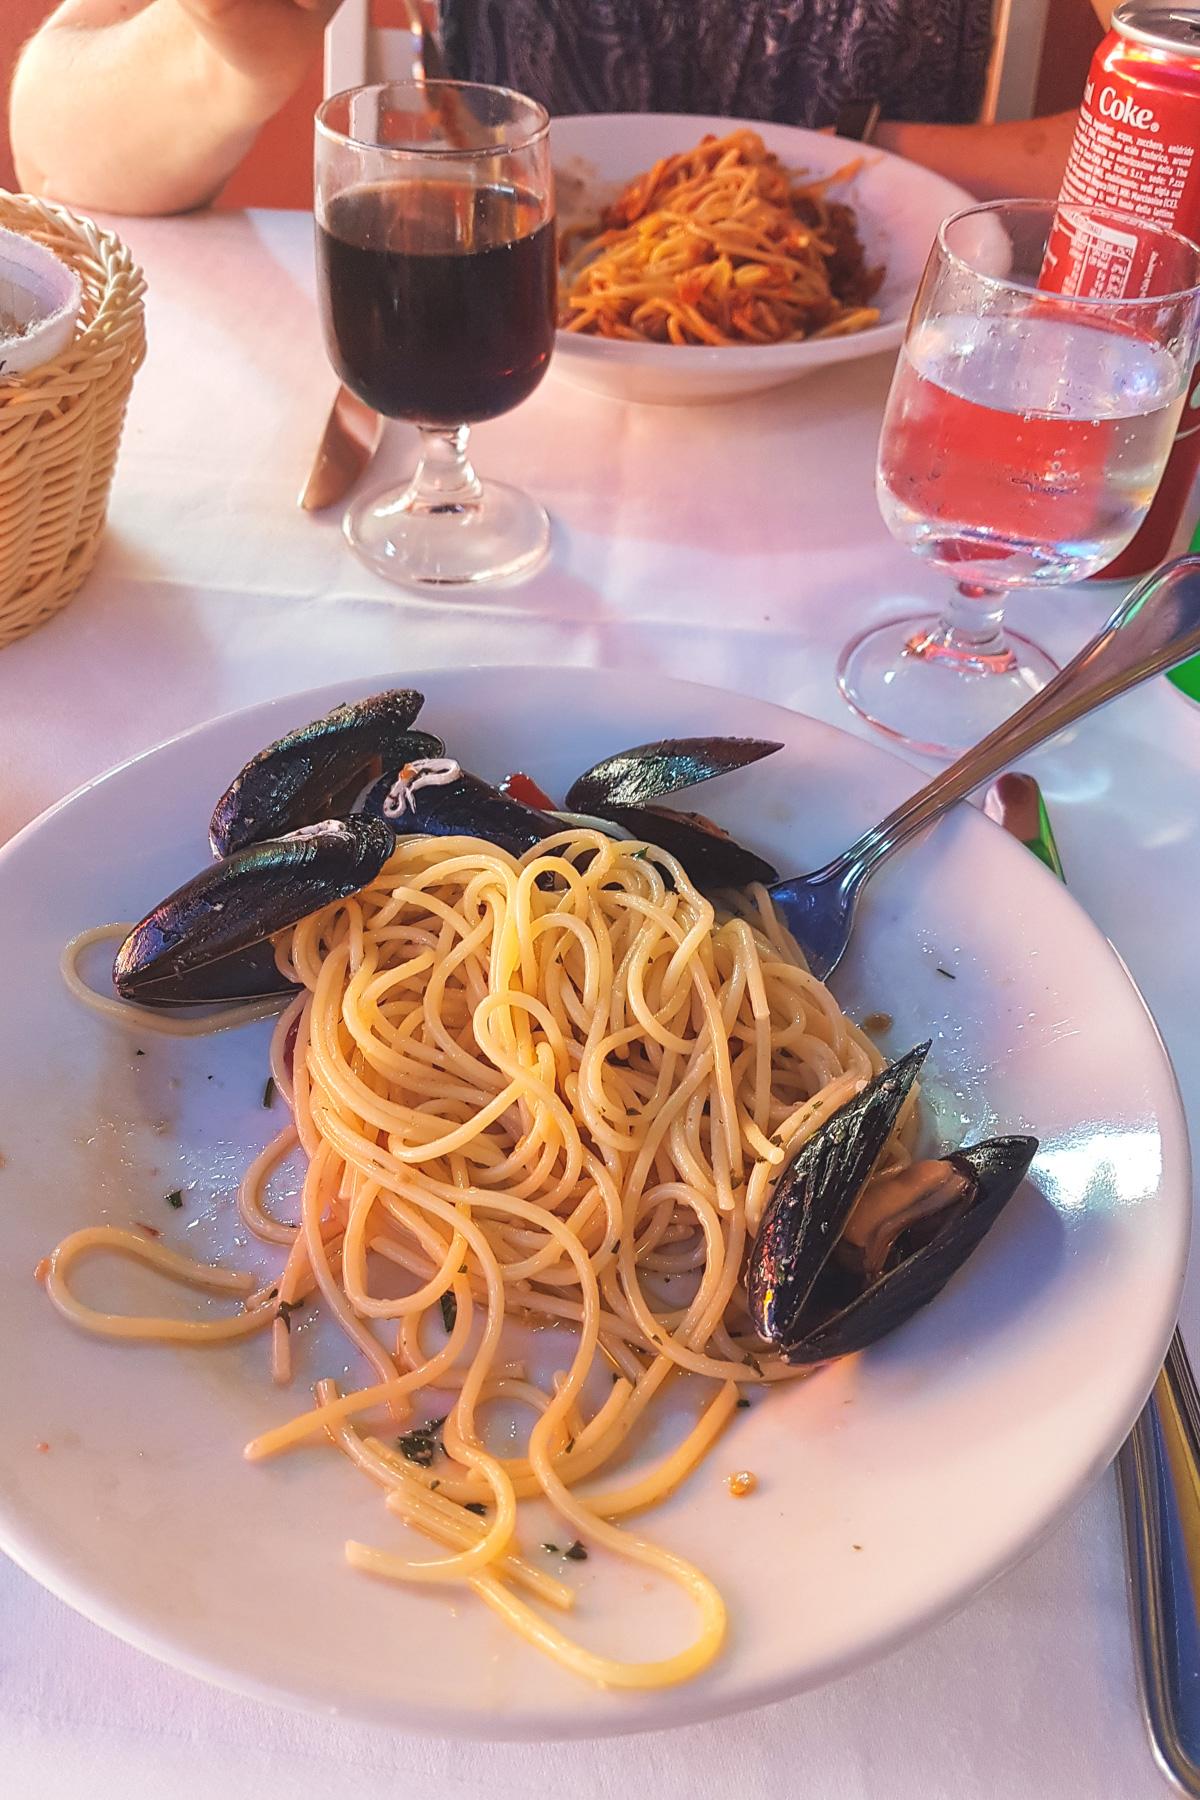 Spaghetti with Mussels in Vernazza in Cinque Terre, Ligurai Region, Italy